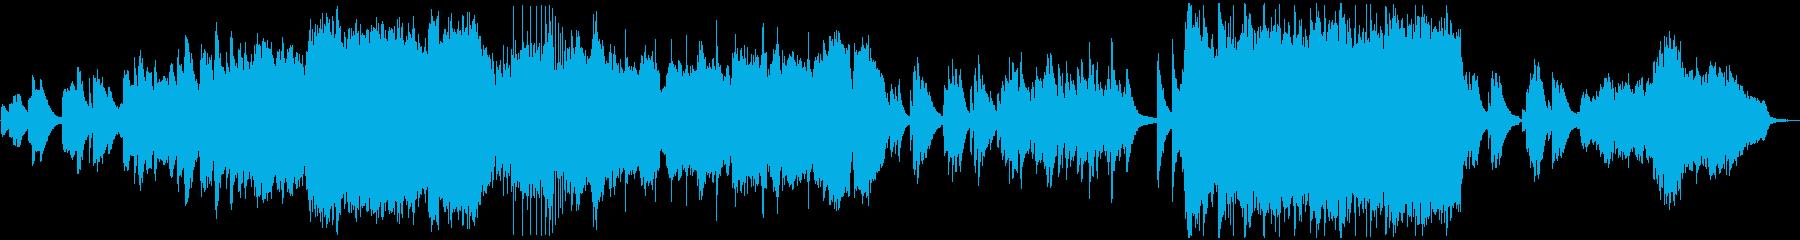 琴が美しい和風のオーケストラバラードの再生済みの波形